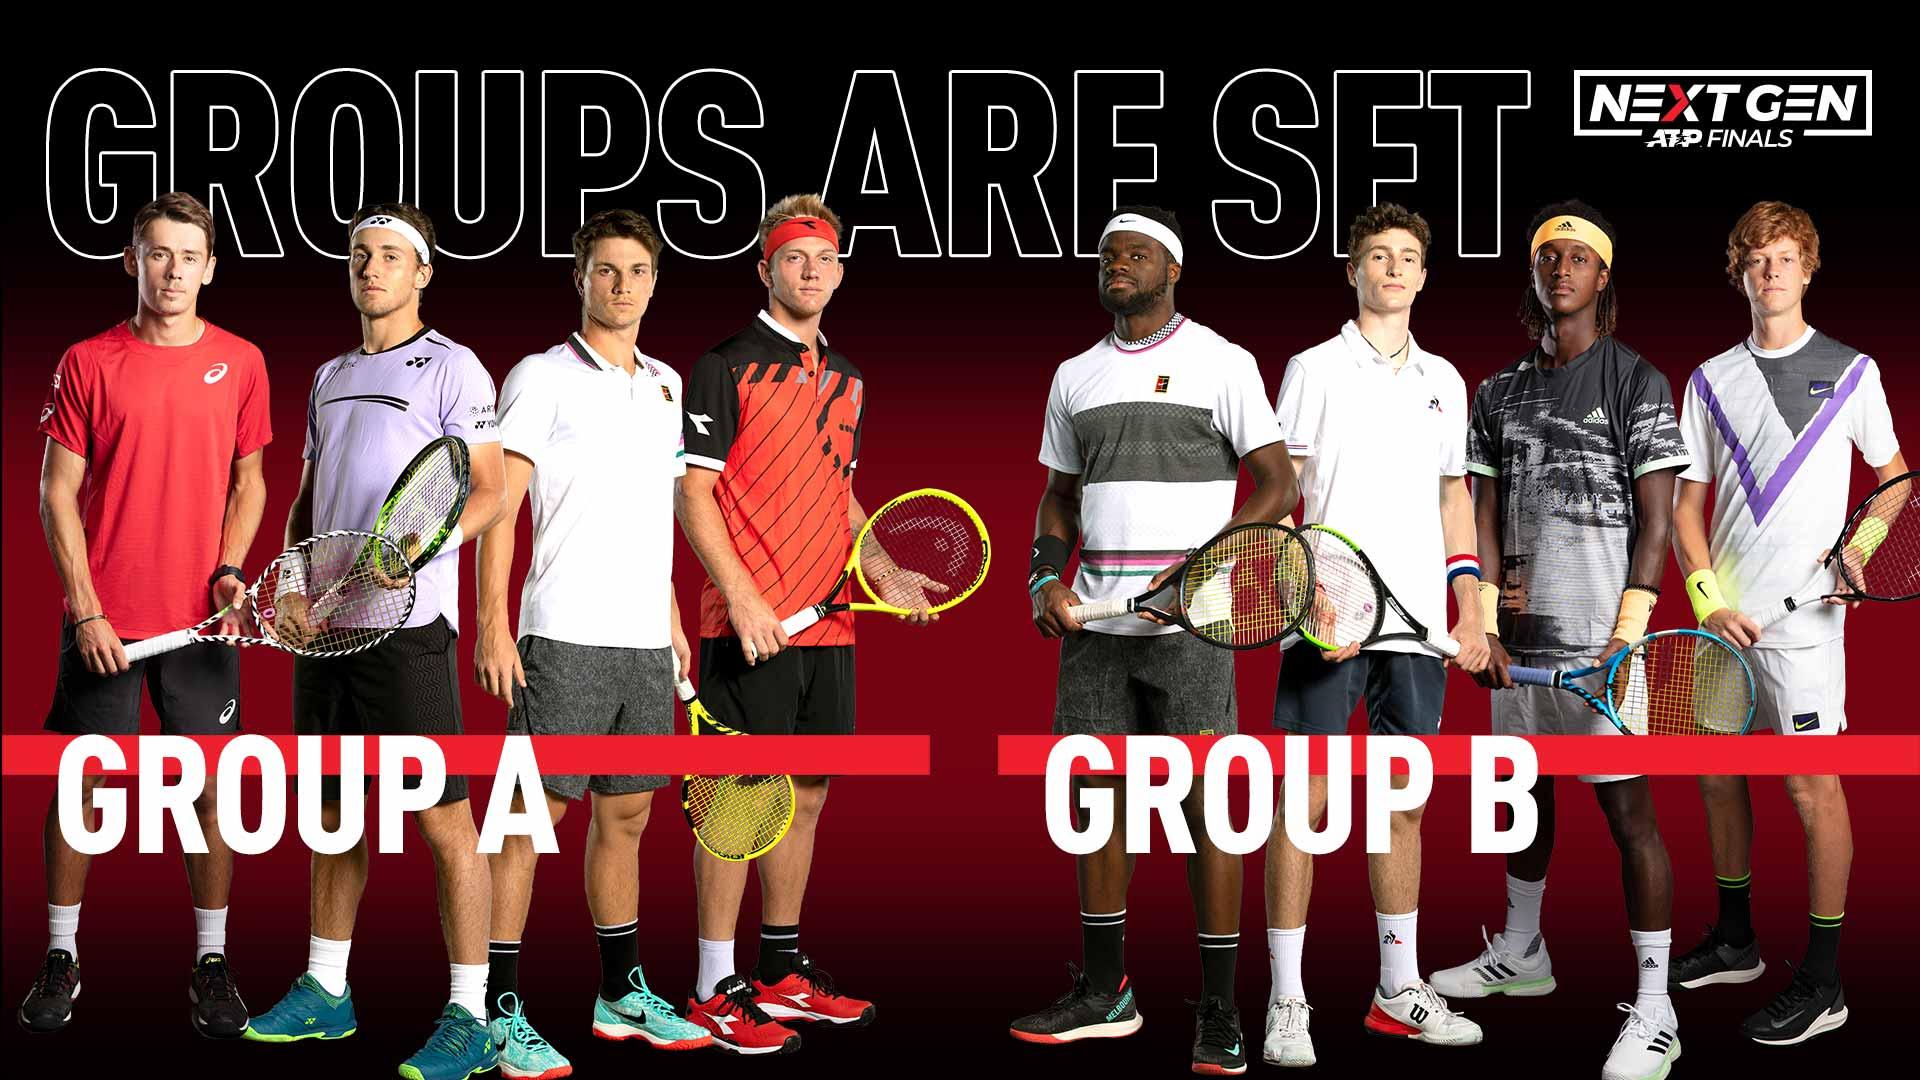 Состоялась жеребьевка Итогового турнира Next Gen ATP Finals